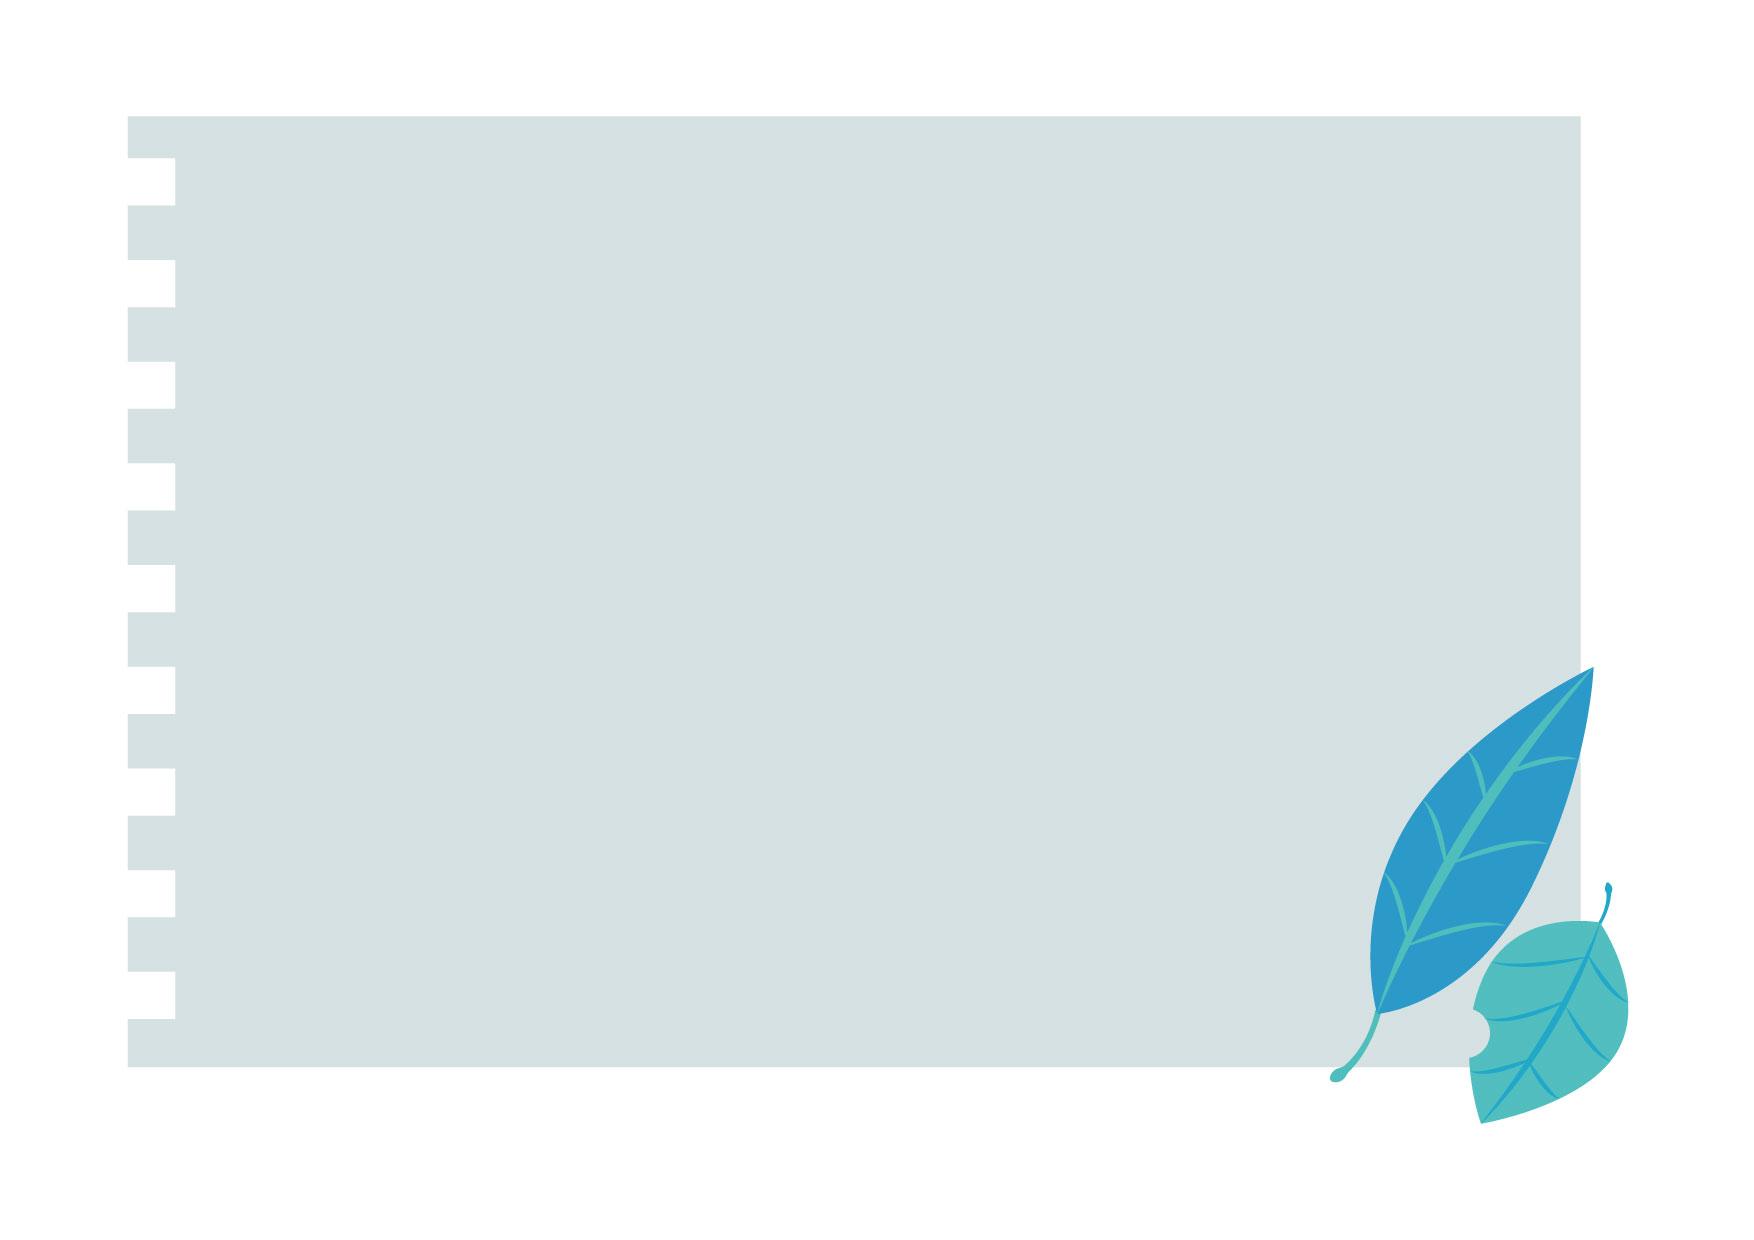 可愛いイラスト無料|フレーム ノート 葉っぱ ブルー 背景 − free illustration Frame notebook leaf blue background